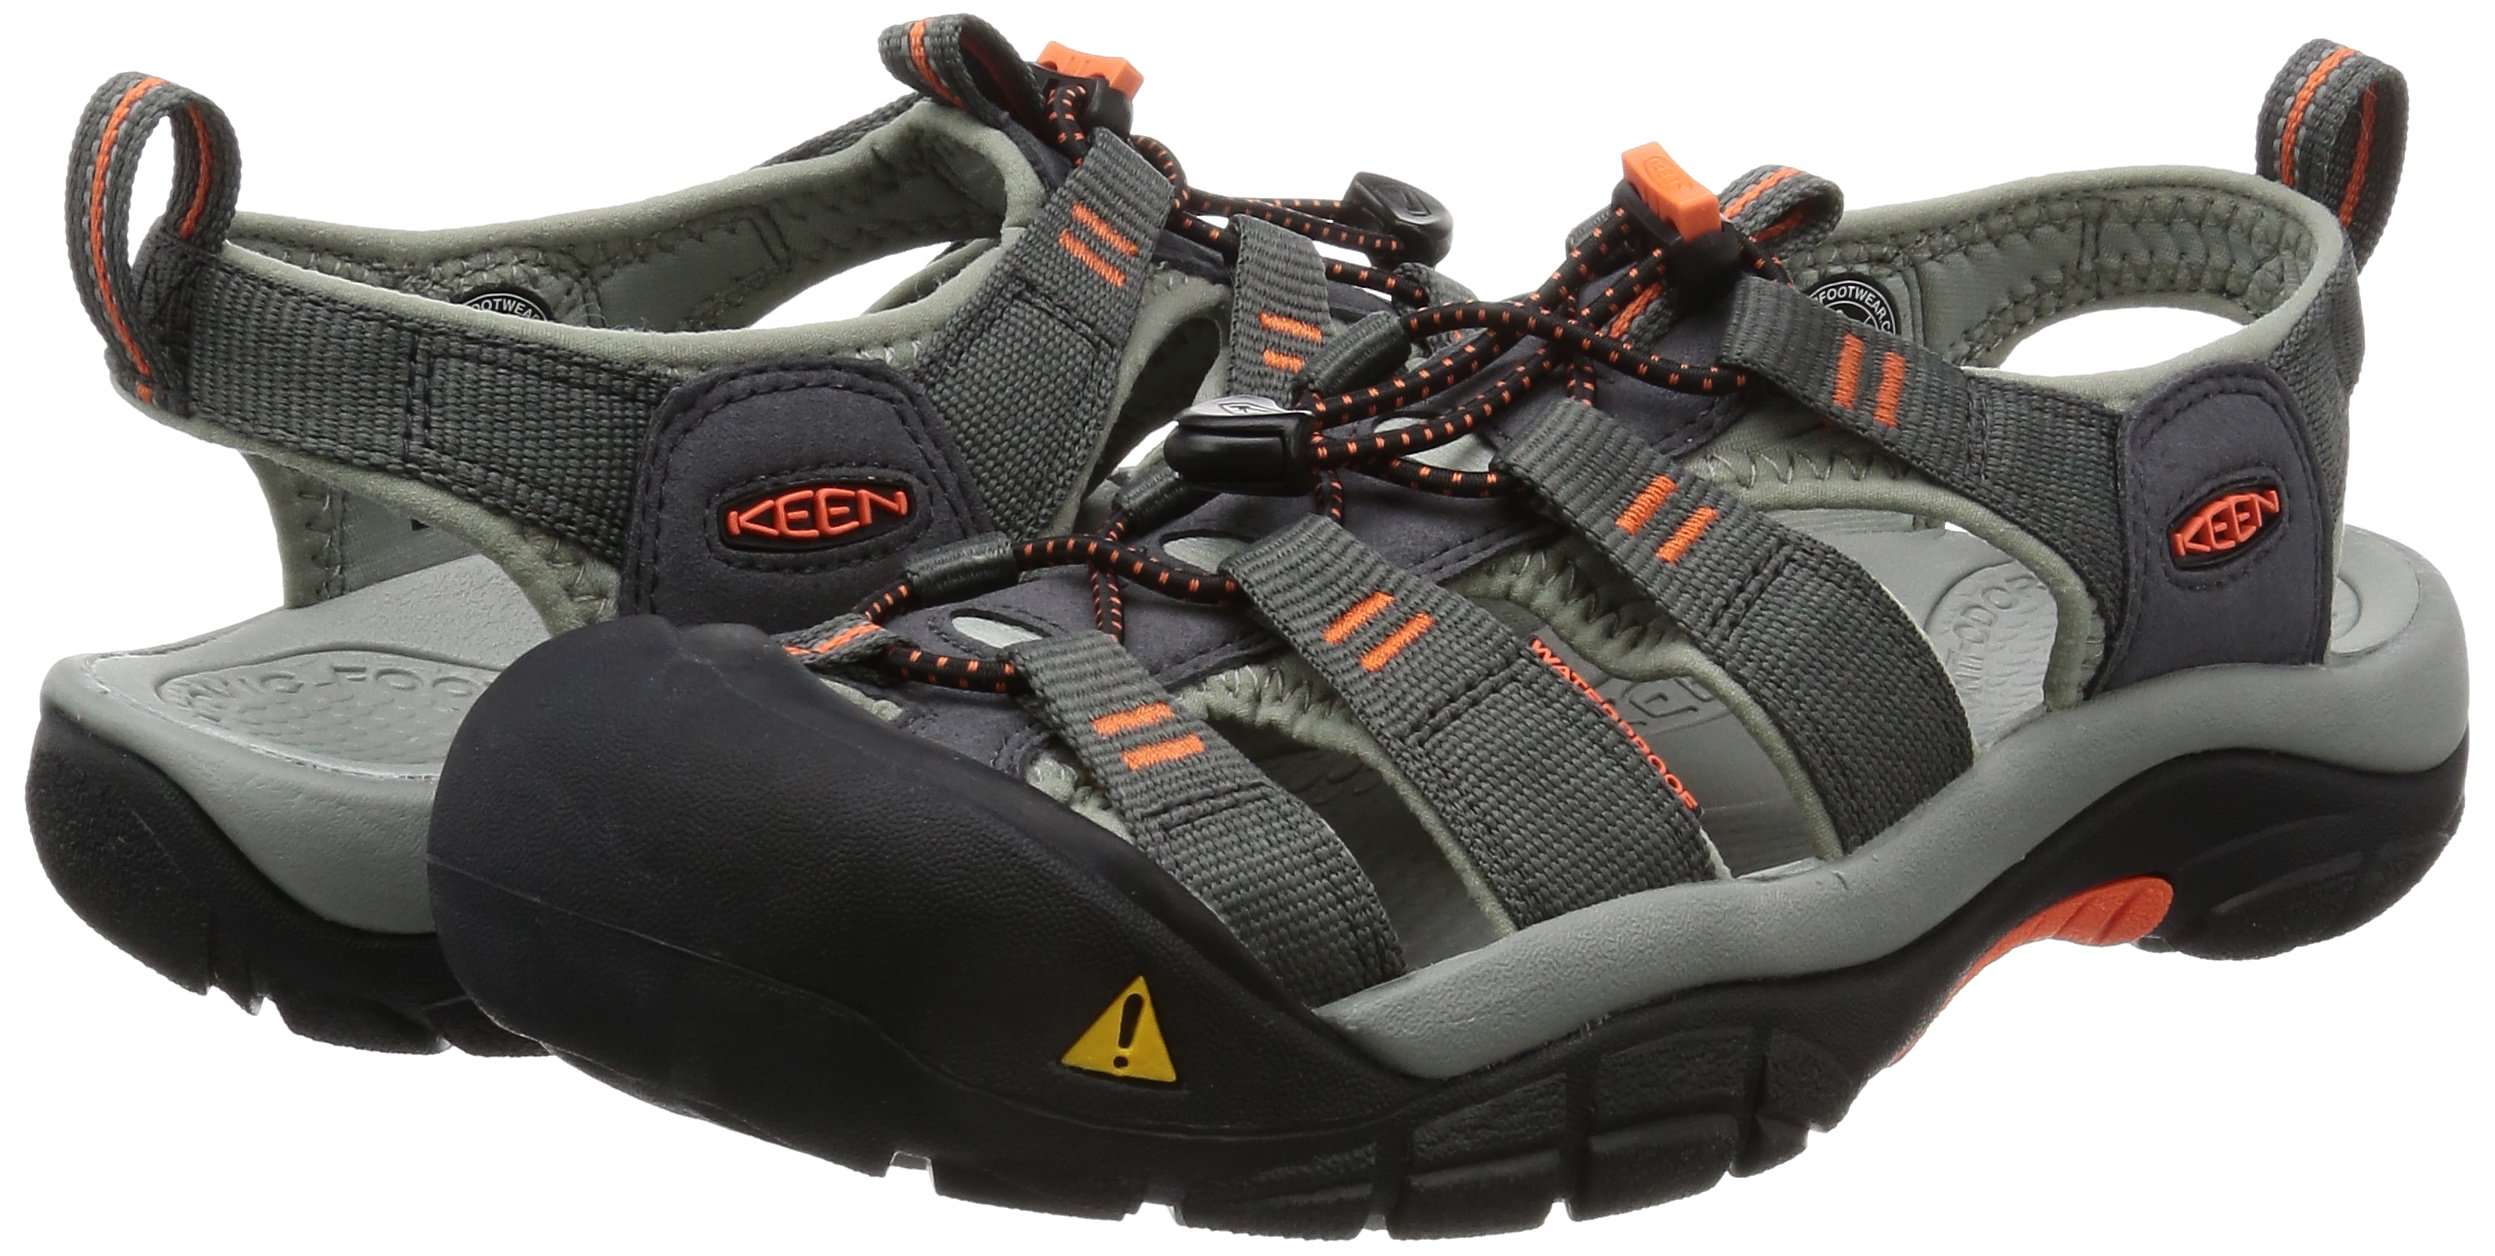 KEEN Men's Newport H2 Hiking Shoe, Magnet/Nasturtium, 15 M US by Keen (Image #6)